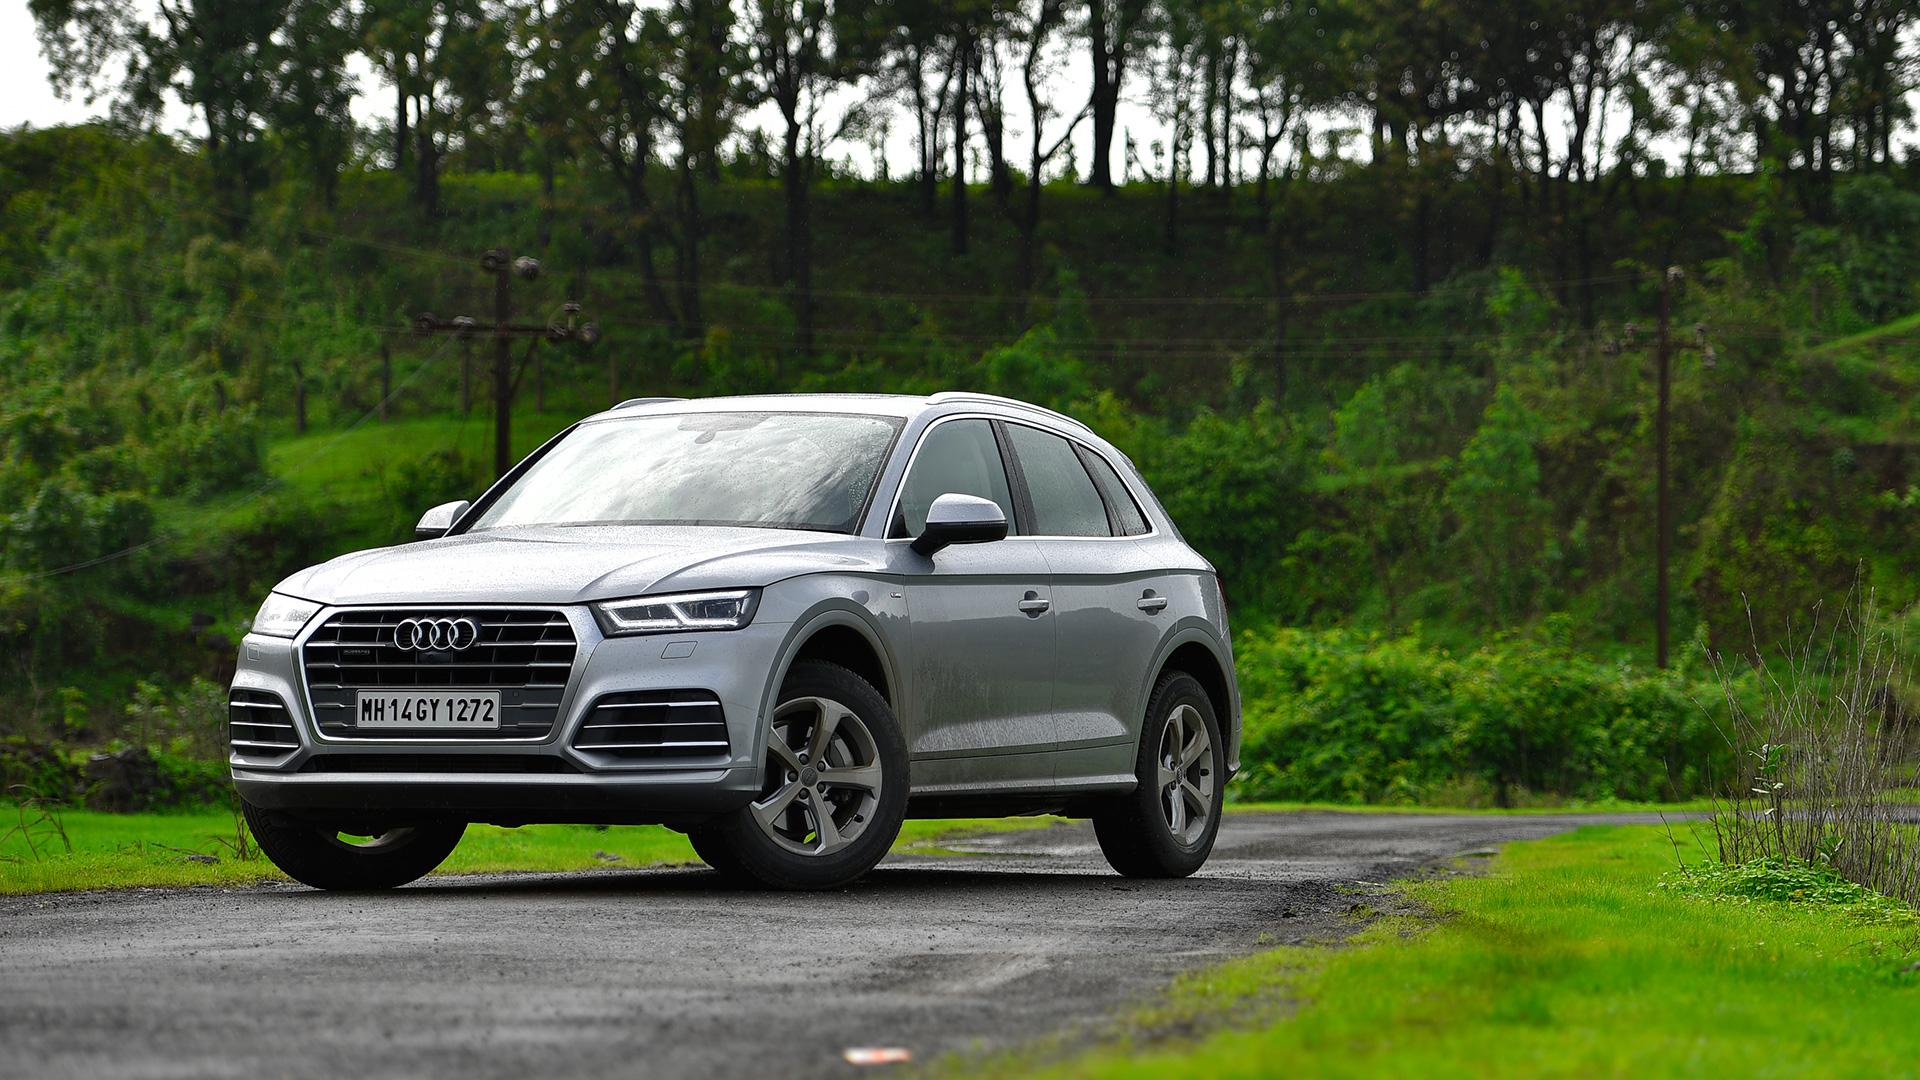 Audi Q5 2018 45 TFSI